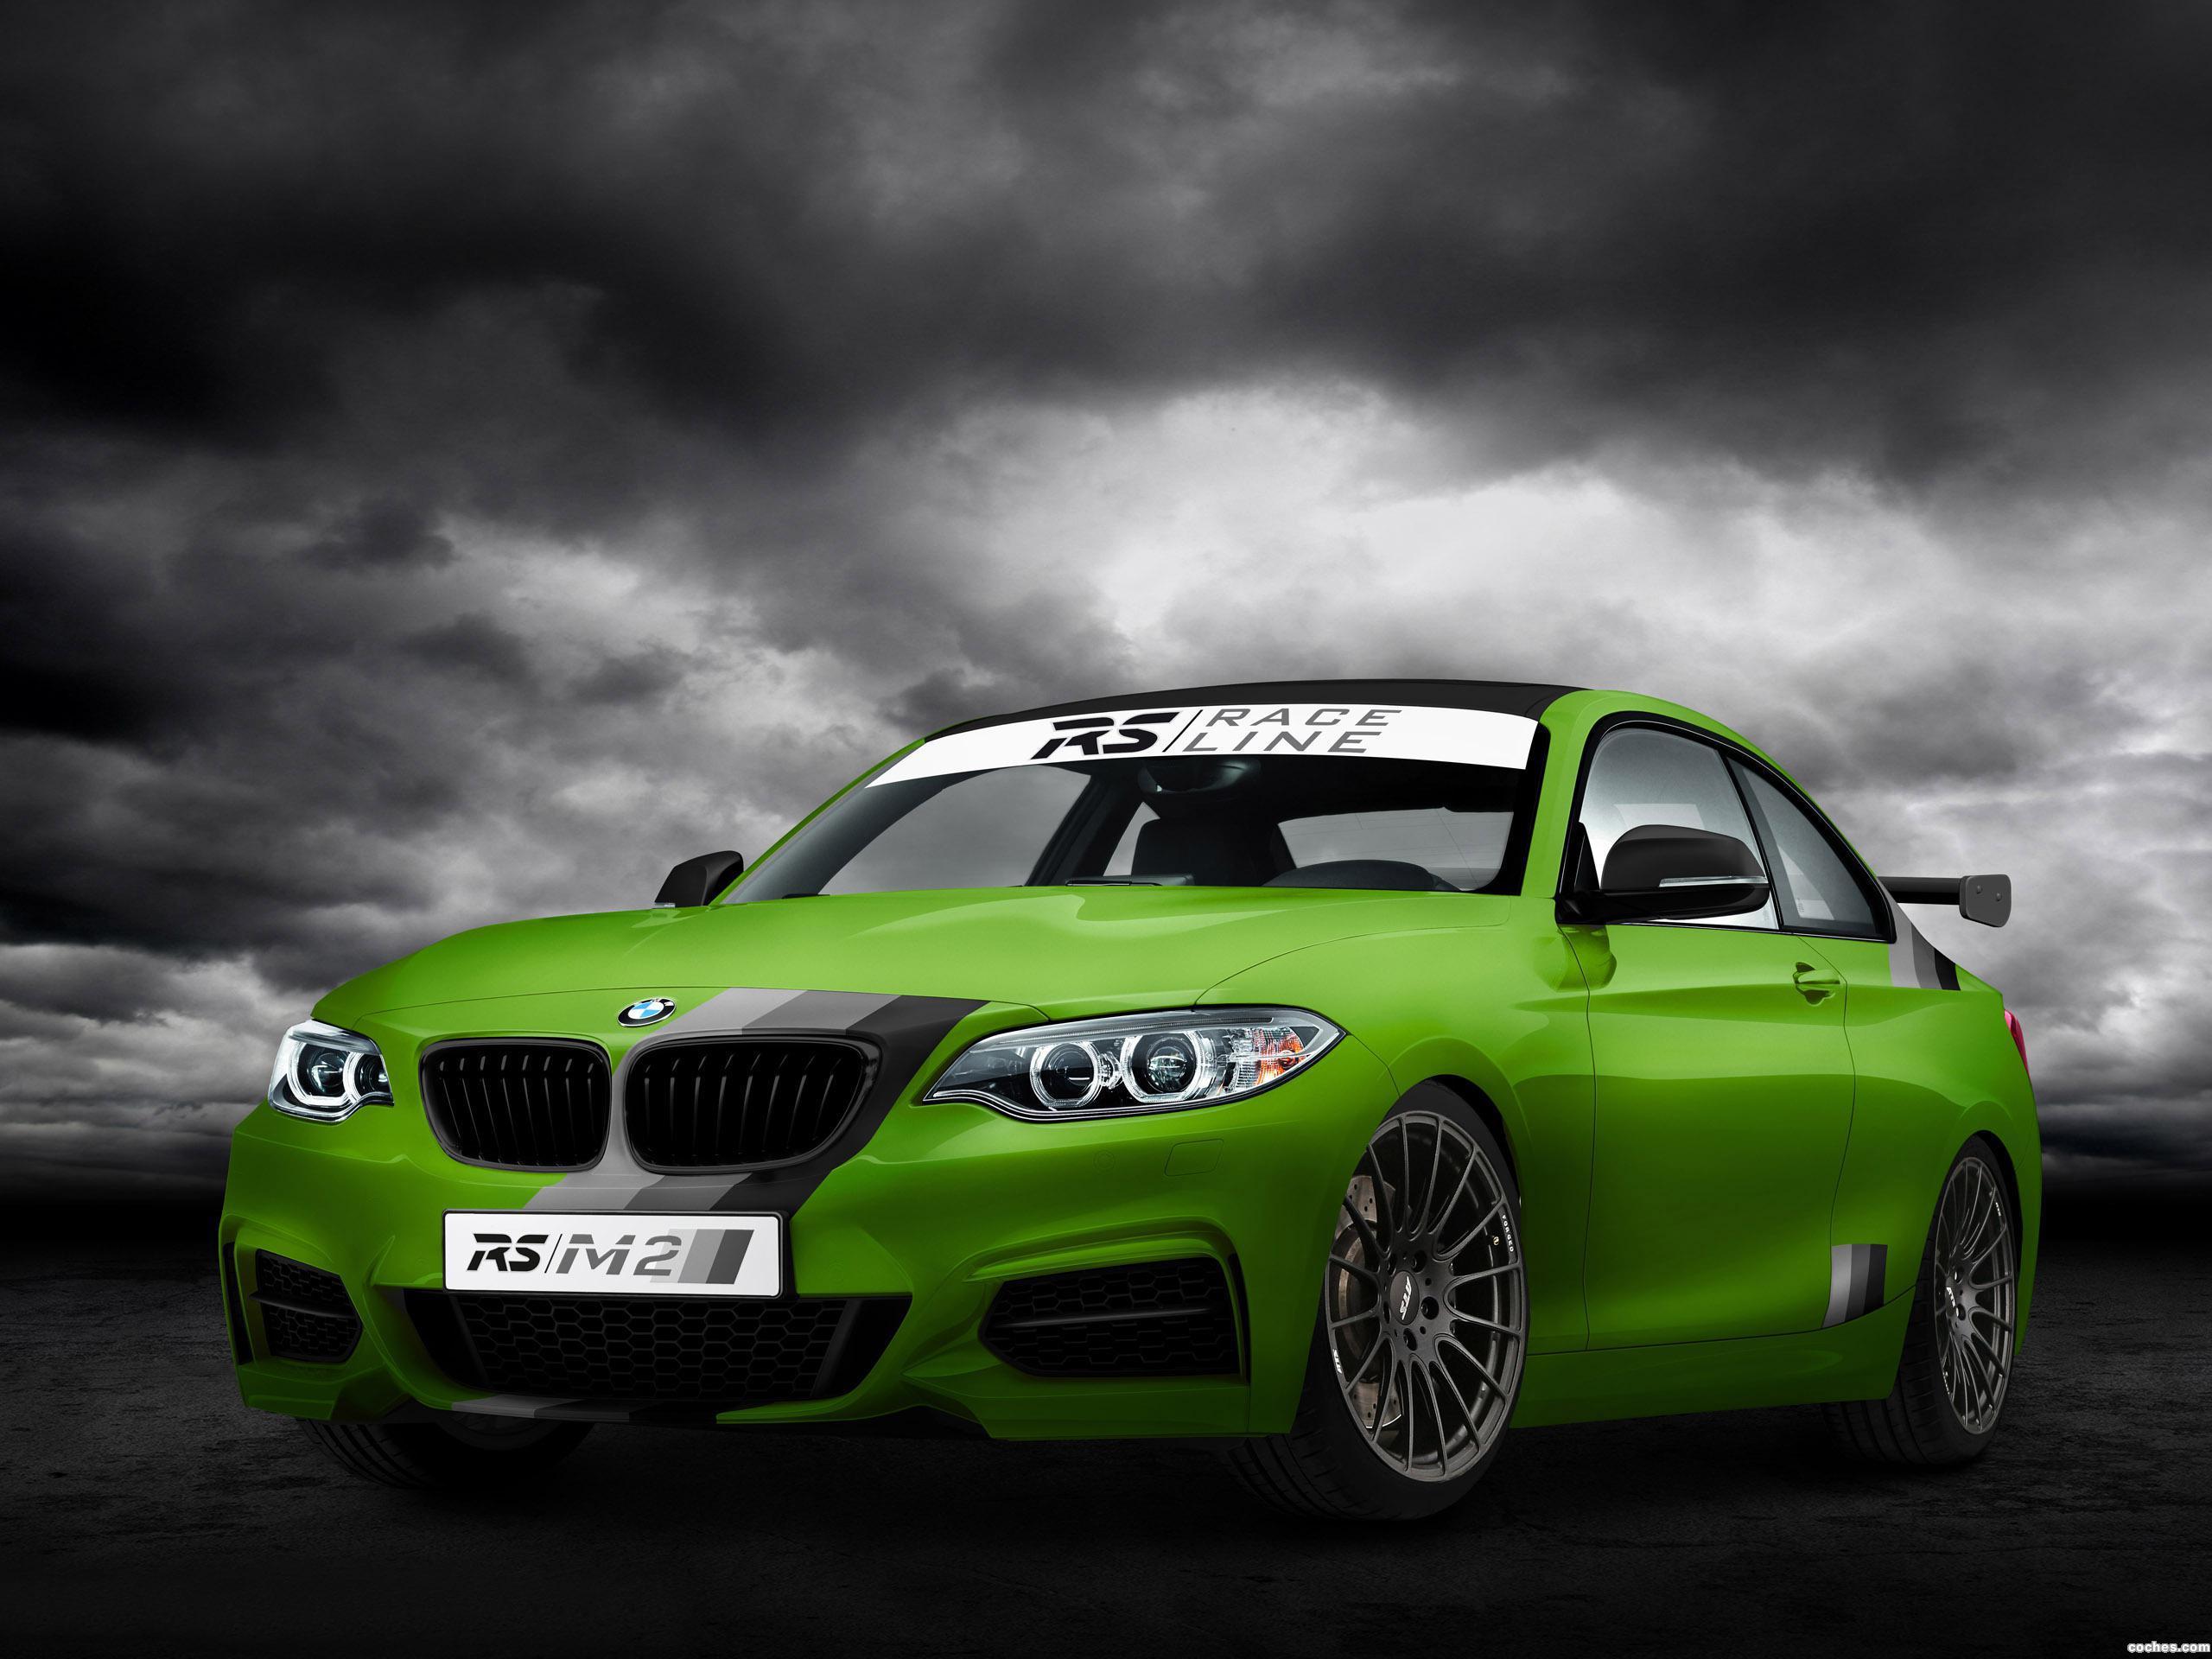 Foto 0 de BMW Serie 2 M235i RS Racingteam Green Hell 2014